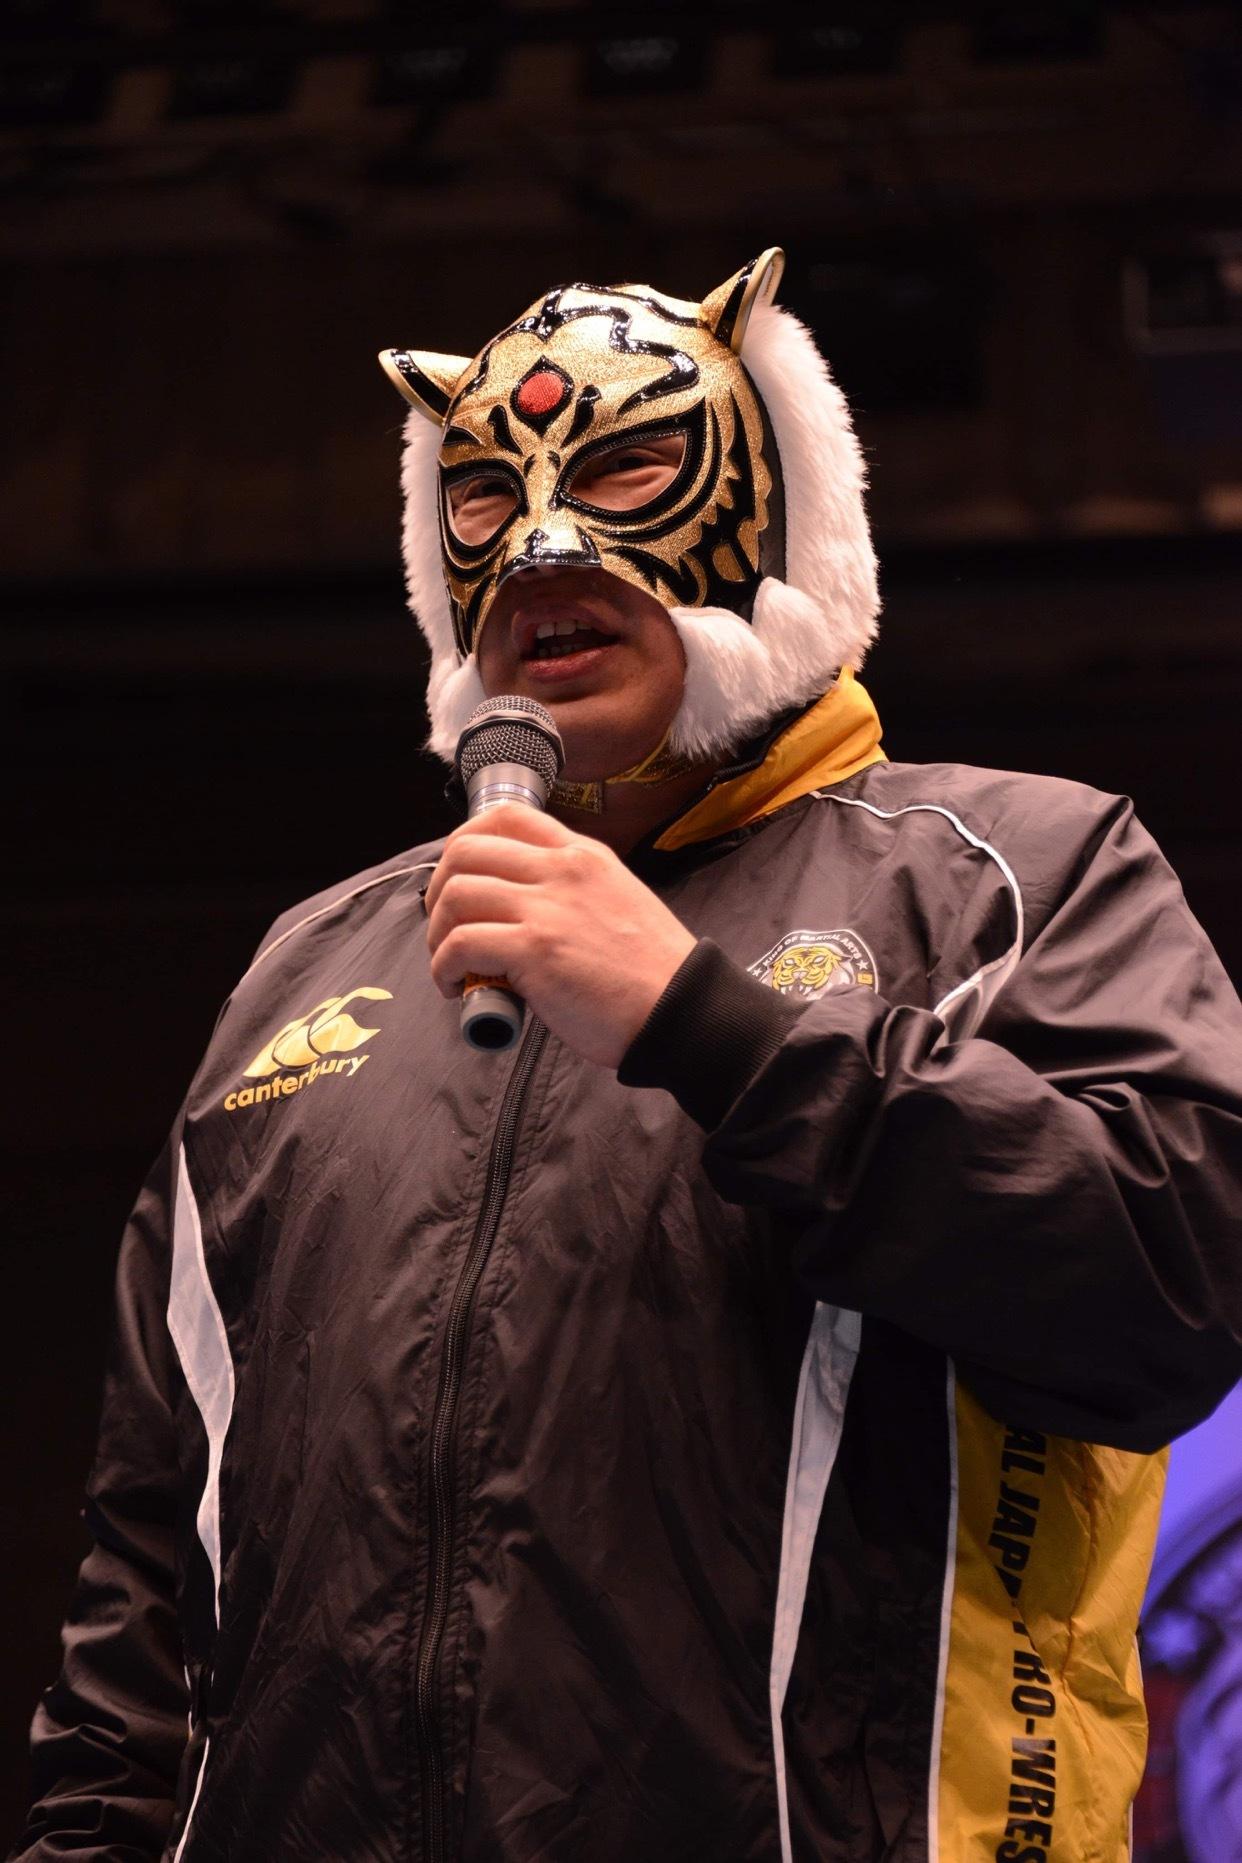 当日は初代タイガーマスク・佐山サトル氏も来場